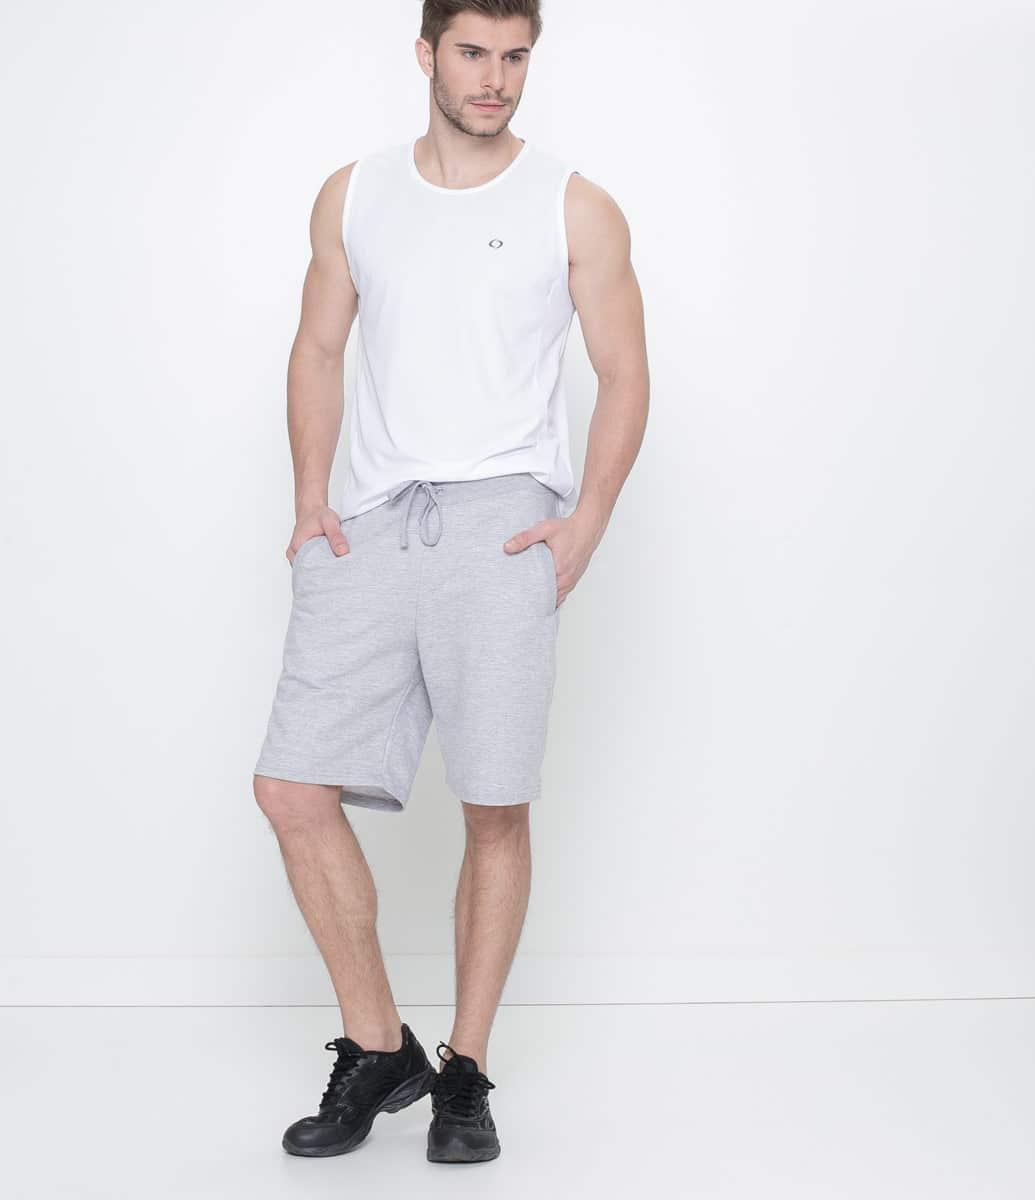 c bermudas masculinas para 2017 moda masculina por homens que se cuidam juan alves